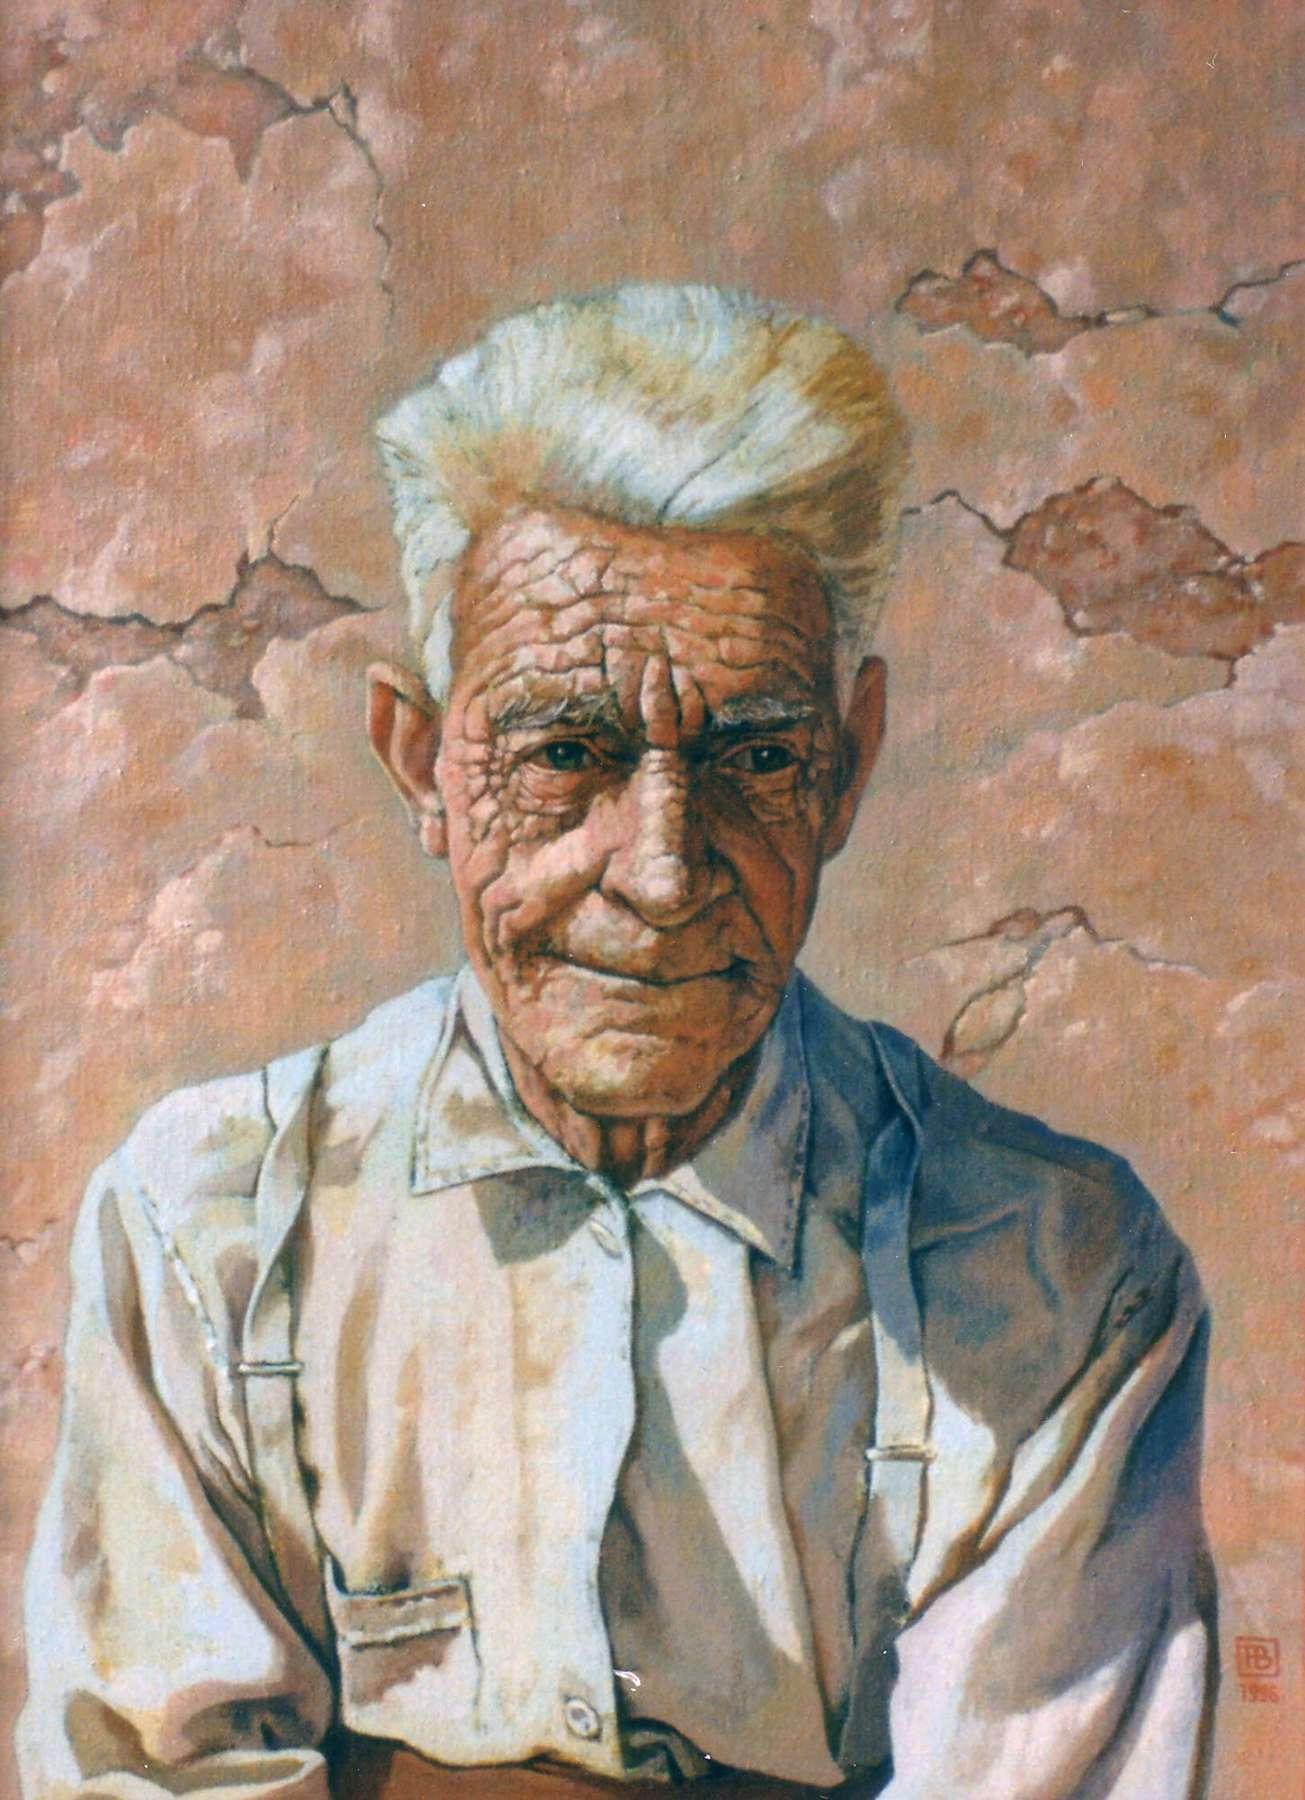 Portret van een oude visser - acrylverf - 50 x 64 cm.